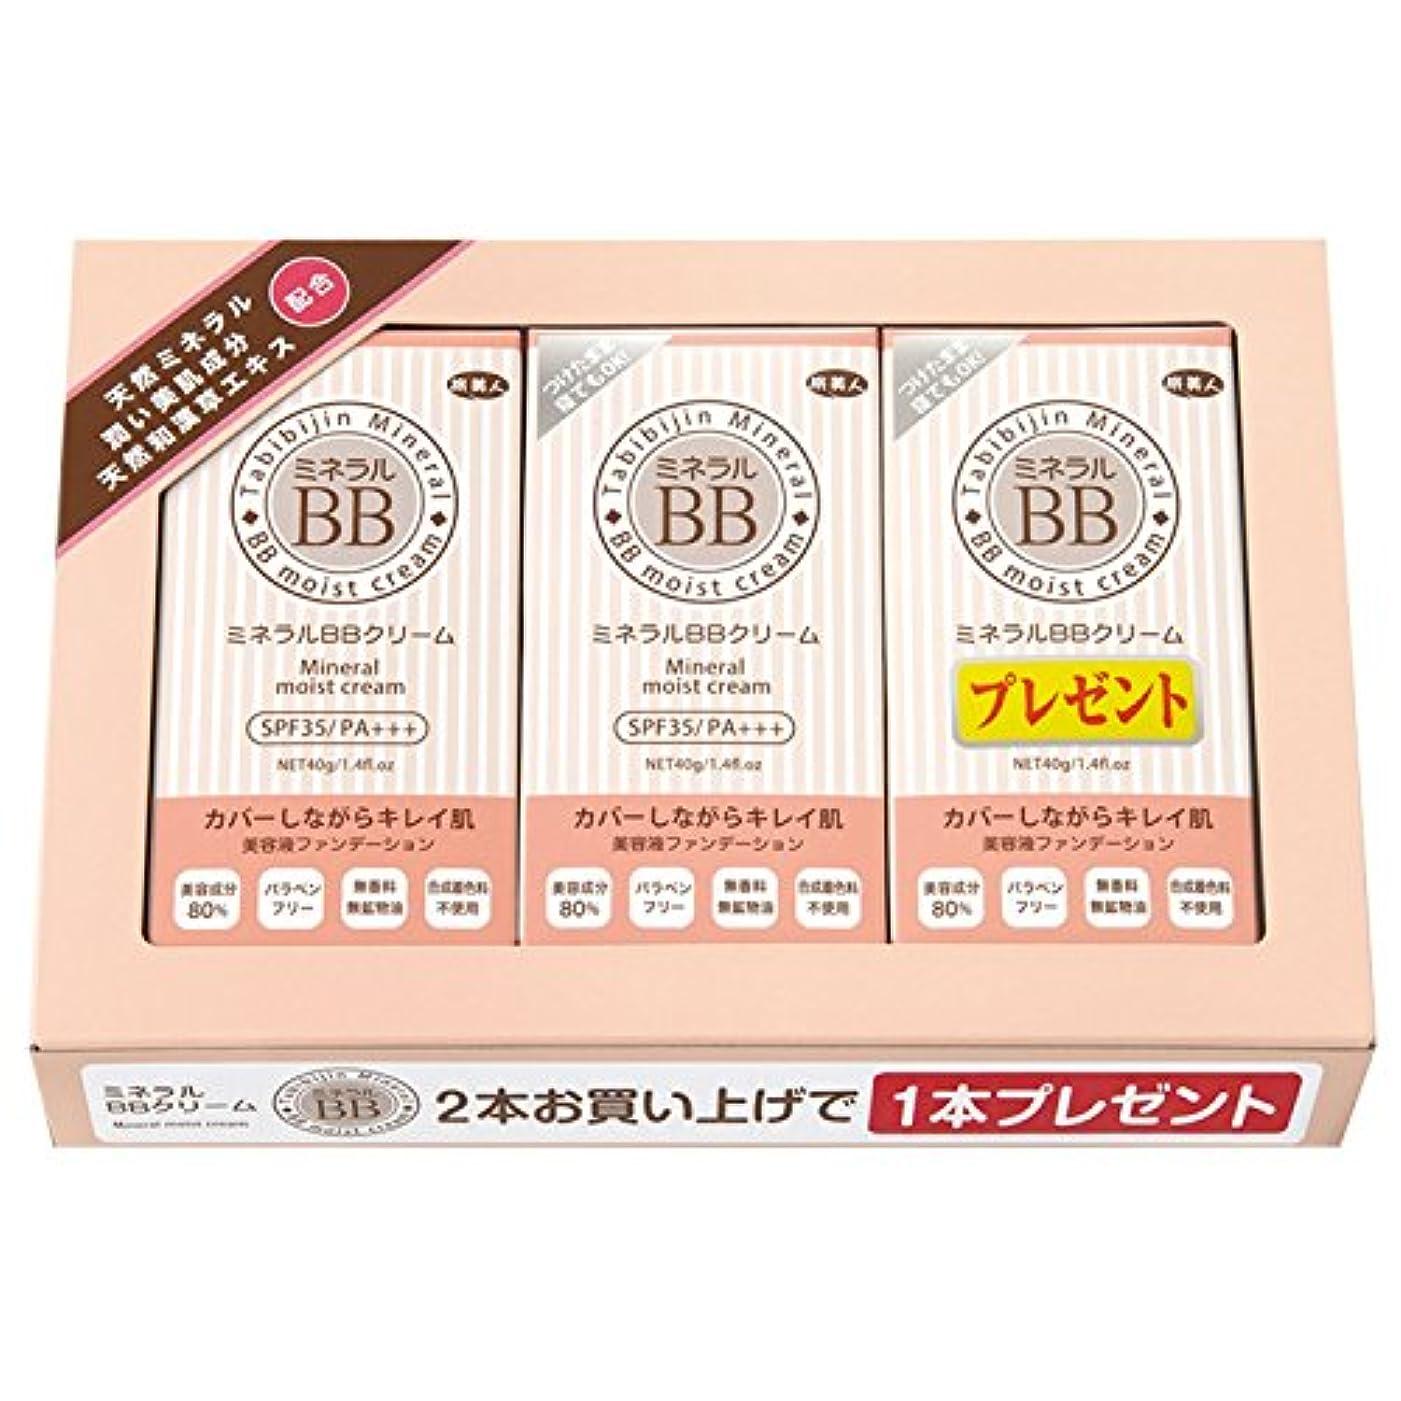 シール雄弁生産性アズマ商事の ミネラルBBクリーム お得な 2本のお値段で3本入りセット